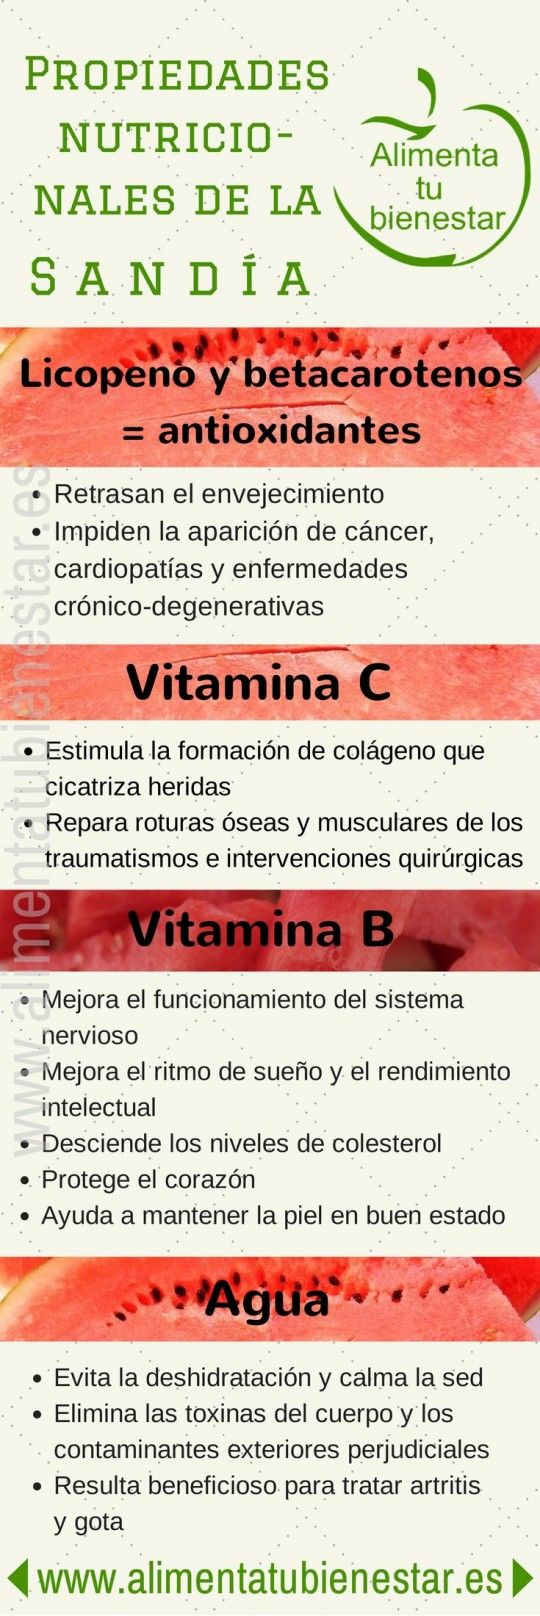 #Infografia Propiedades nutricionales de la sandía